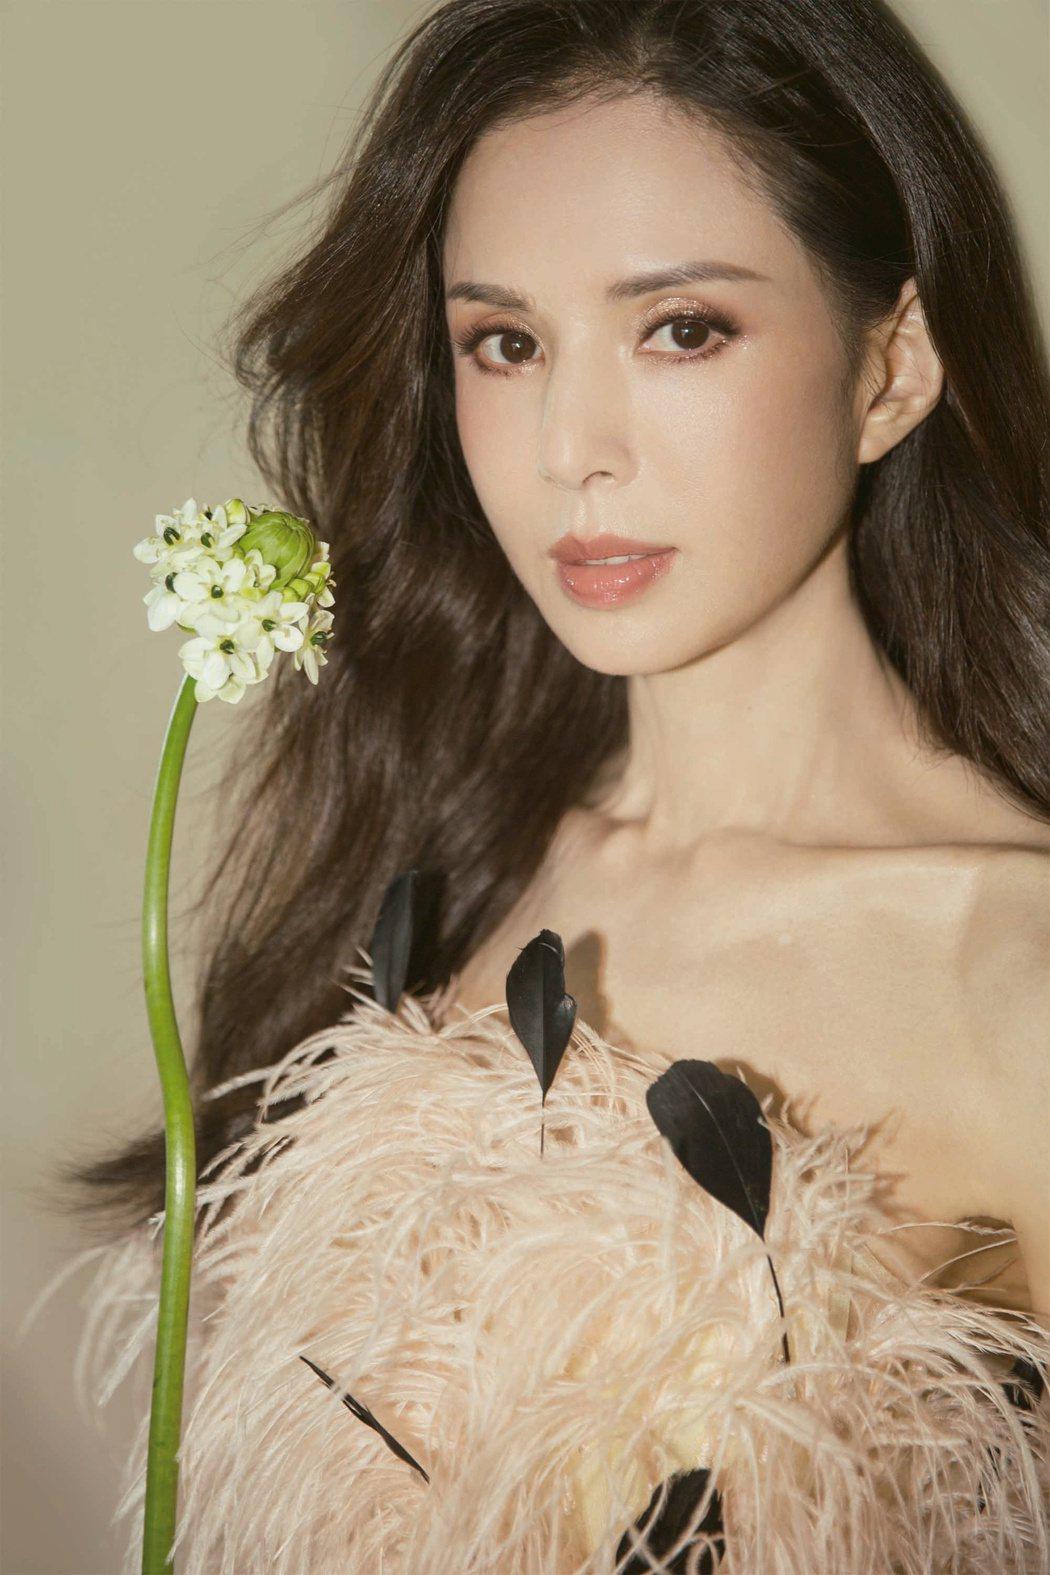 李若彤曾有最美小龍女之稱,現在卻飽受過瘦流言影響。圖/LiTV、李若彤工作室提供